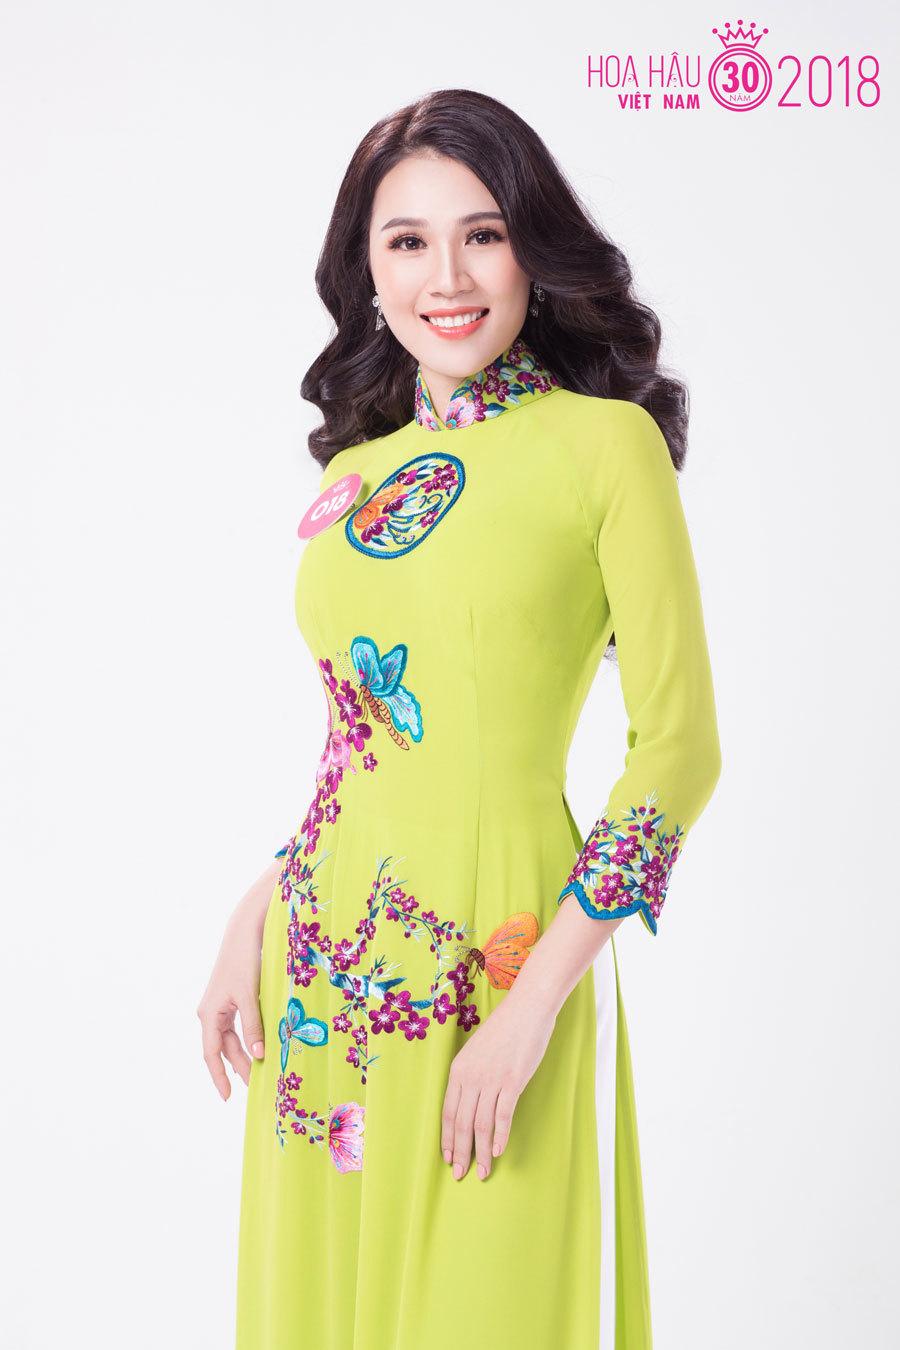 Thí sinh Hoa hậu Việt Nam khoe đường cong mềm mại